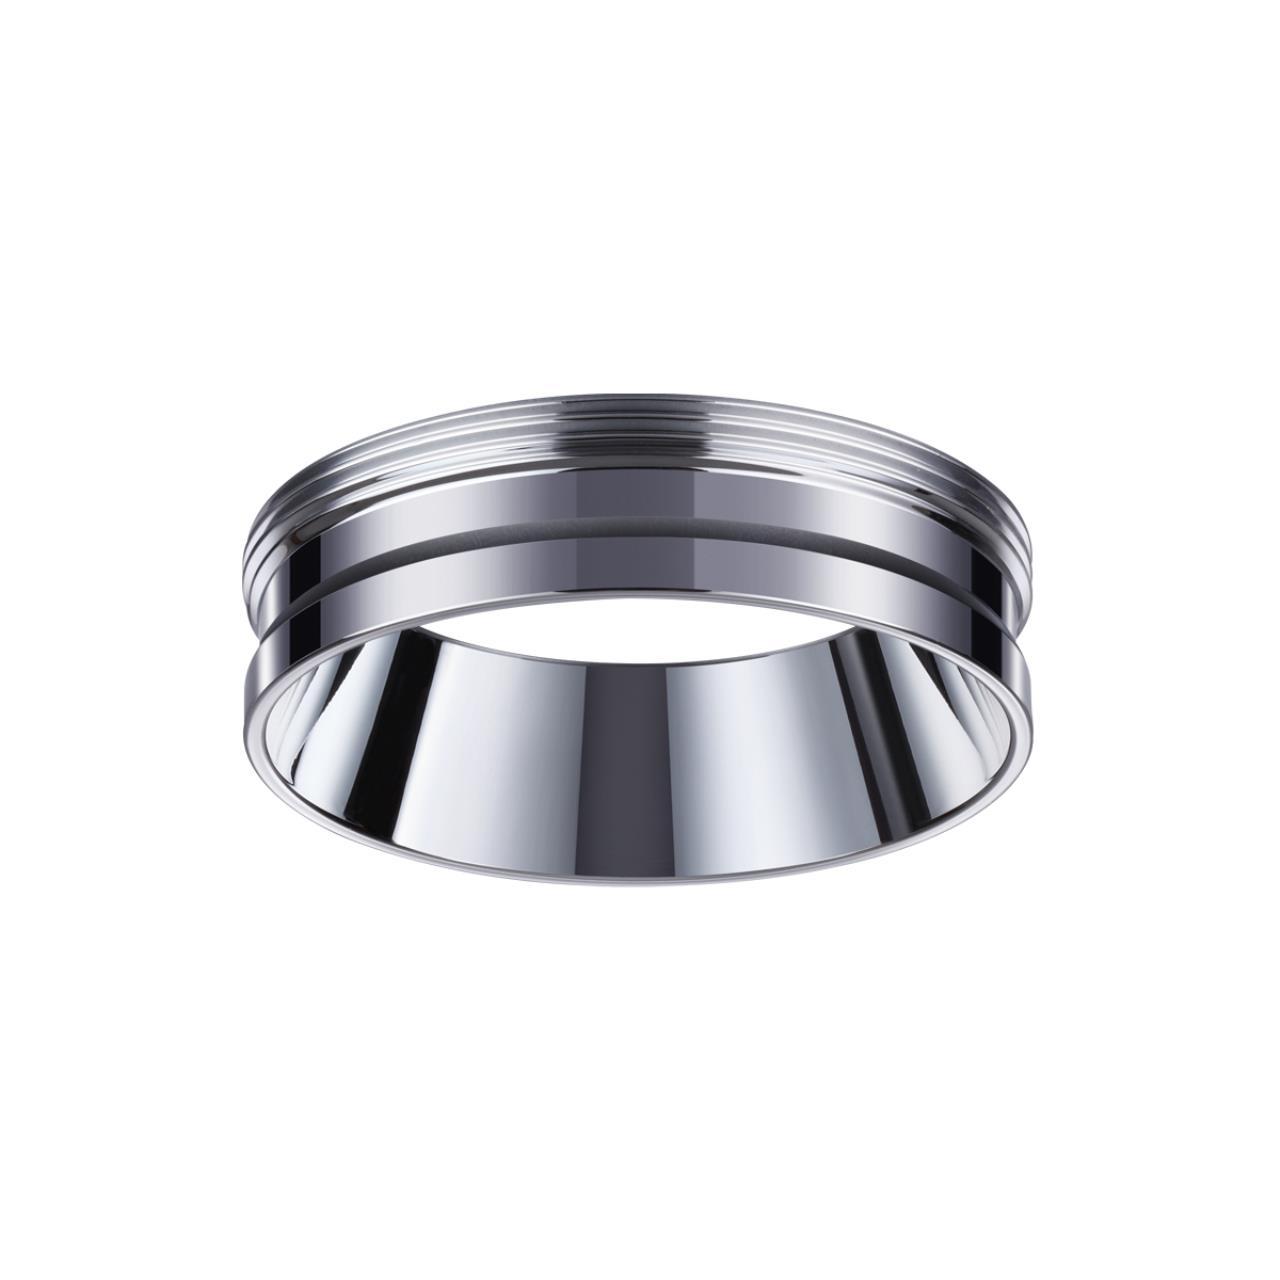 370703 KONST NT19 000 хром Декоративное кольцо для арт. 370681-370693 IP20 UNITE